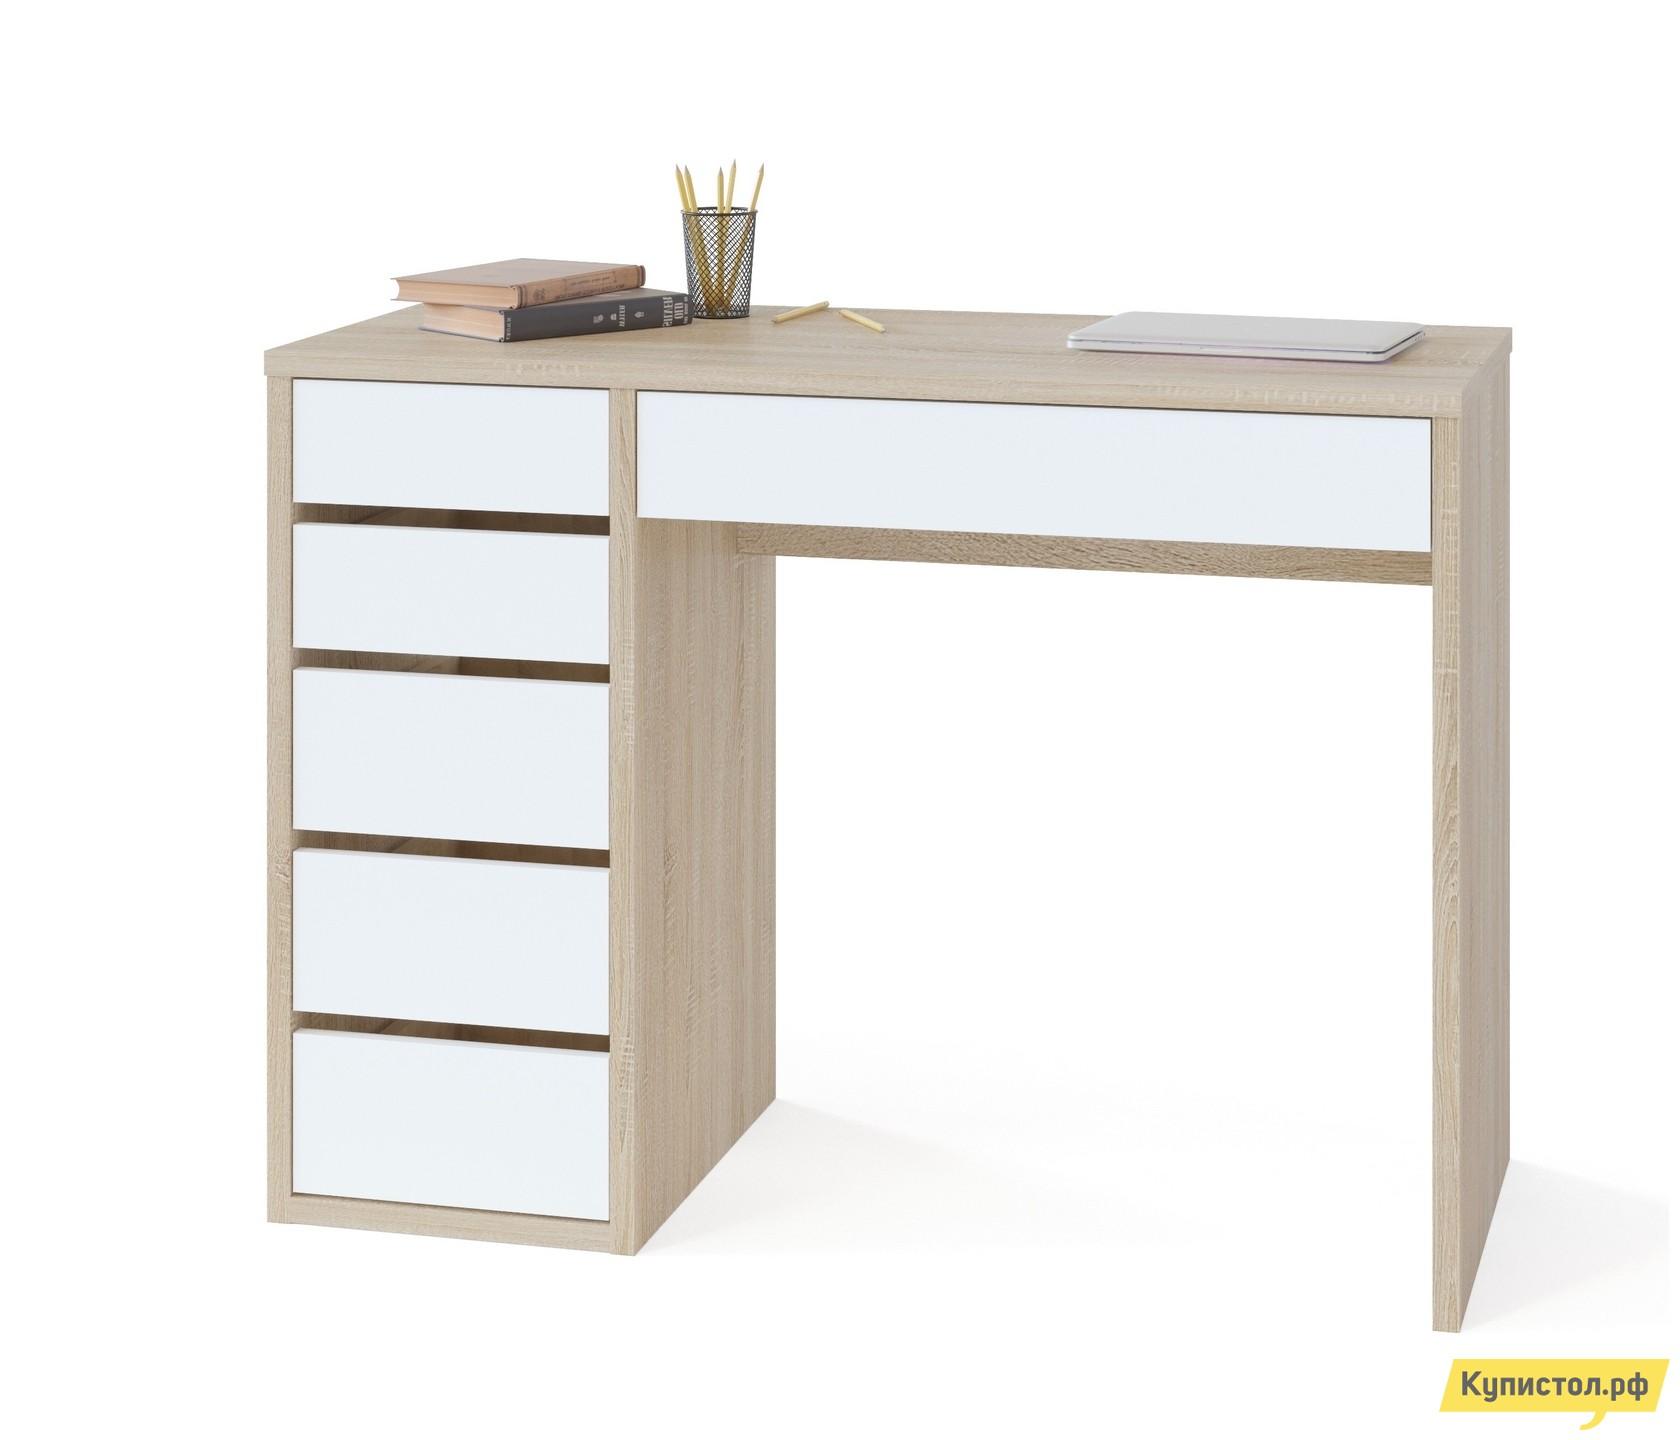 Письменный стол Тайга СПм-10 Столешница Дуб Сонома / Корпус Белый